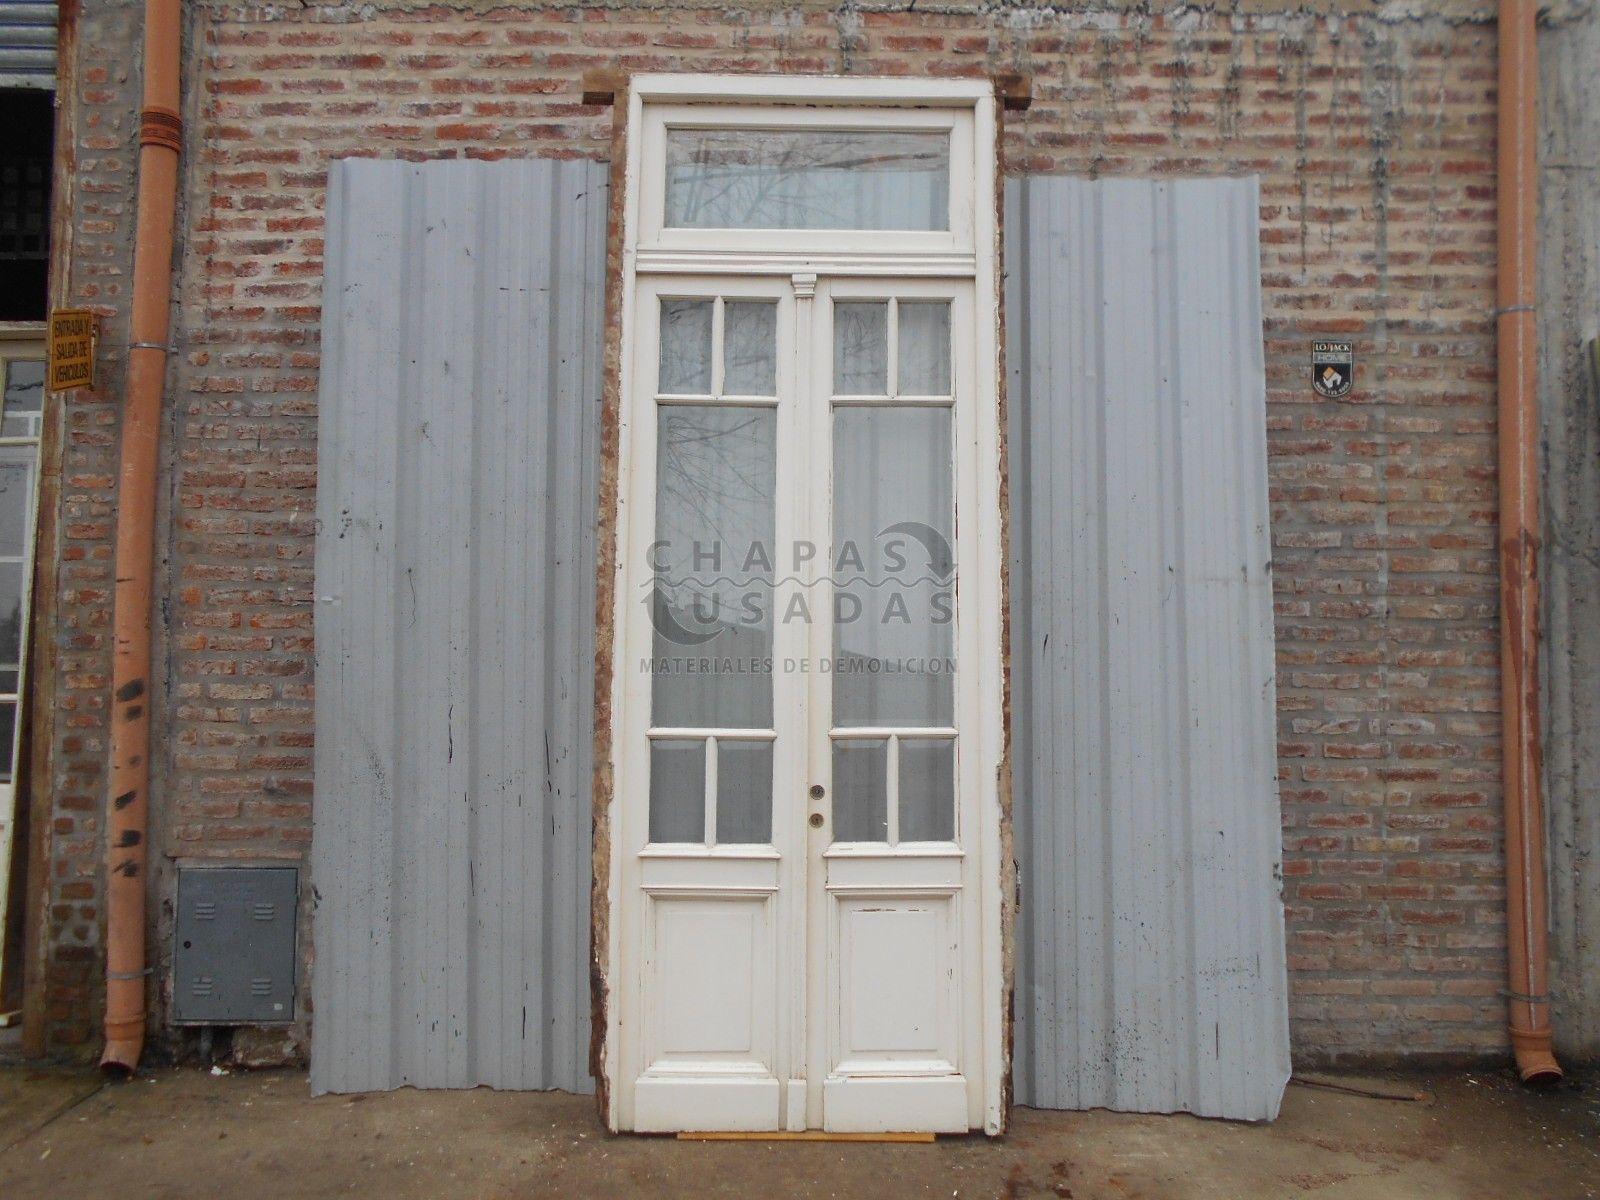 Antigua puerta cancel de madera en cedro puertas for Puertas interiores antiguas madera